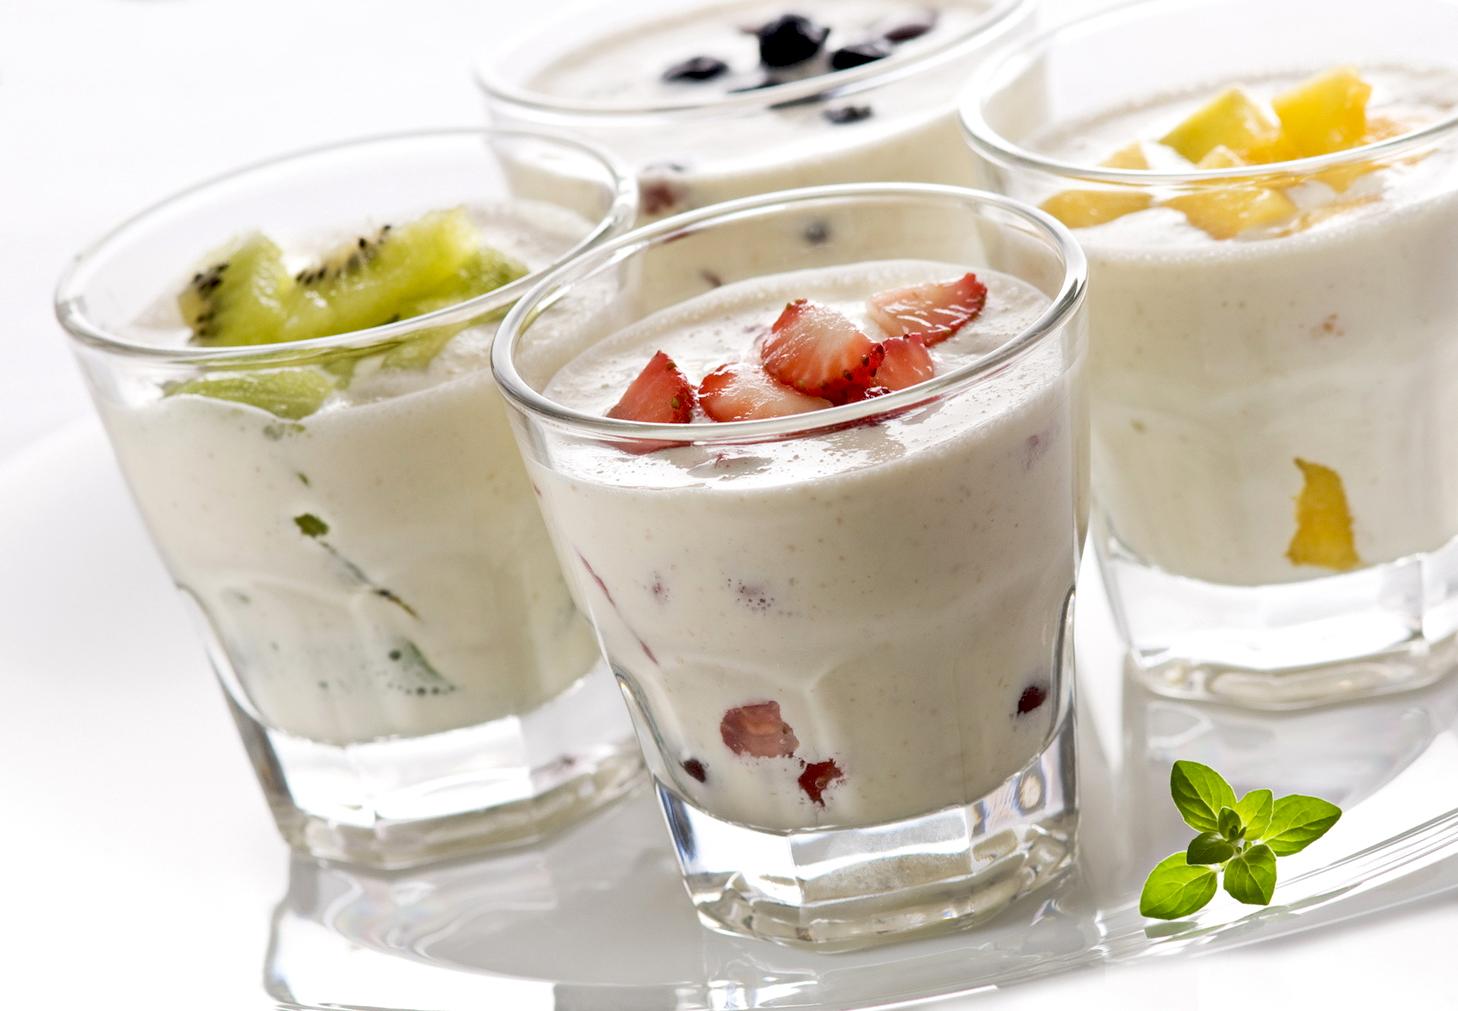 Альтернатива стаканчикам для йогурта - Мультиварка